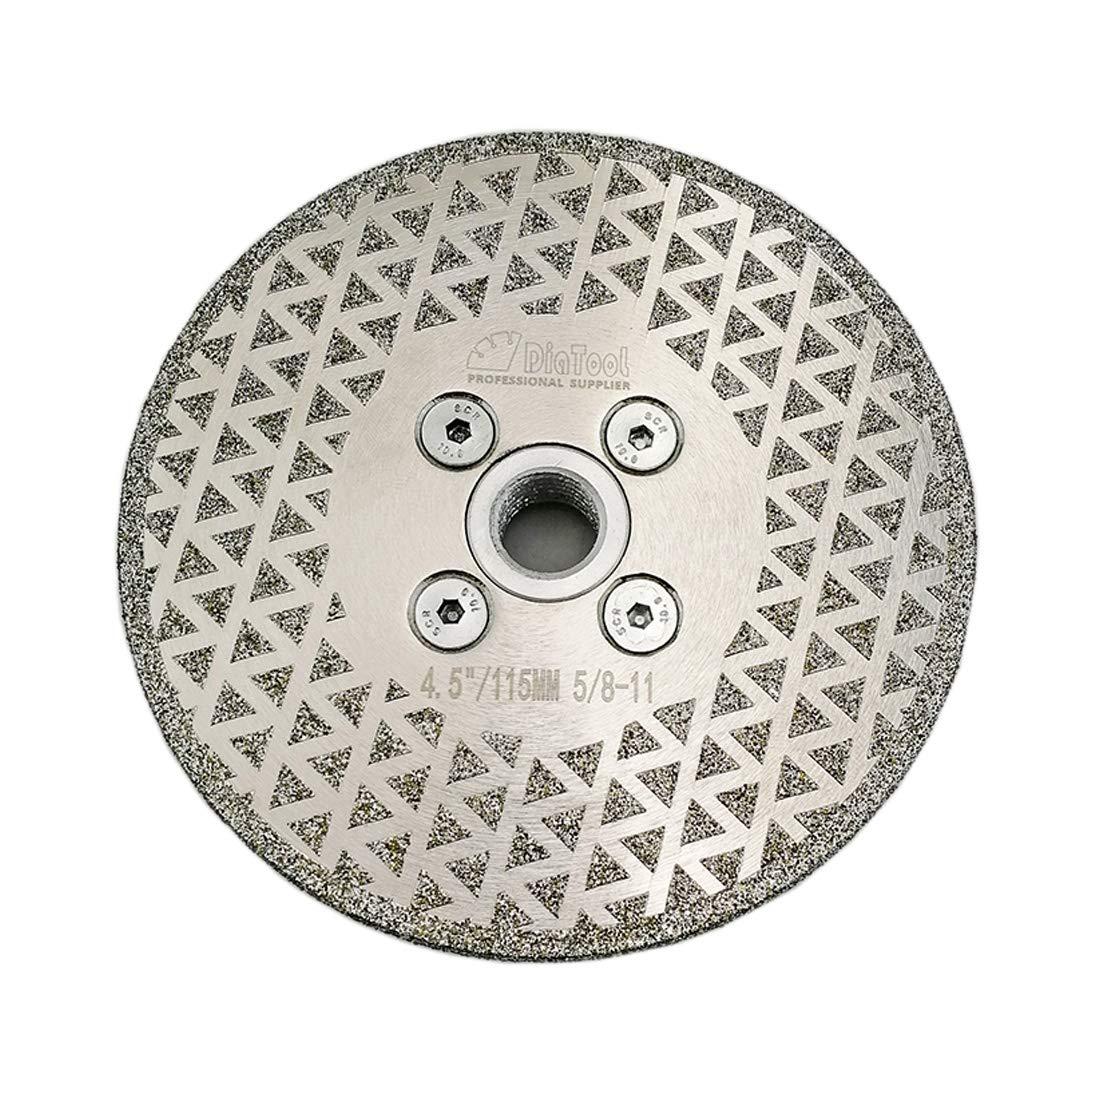 Disco De Diamante Shdiatool Pulido De Corte Galvanizado De 4 5 Pulg. Para De 5/8-11 Arbor De Un Solo Recubrimiento Para